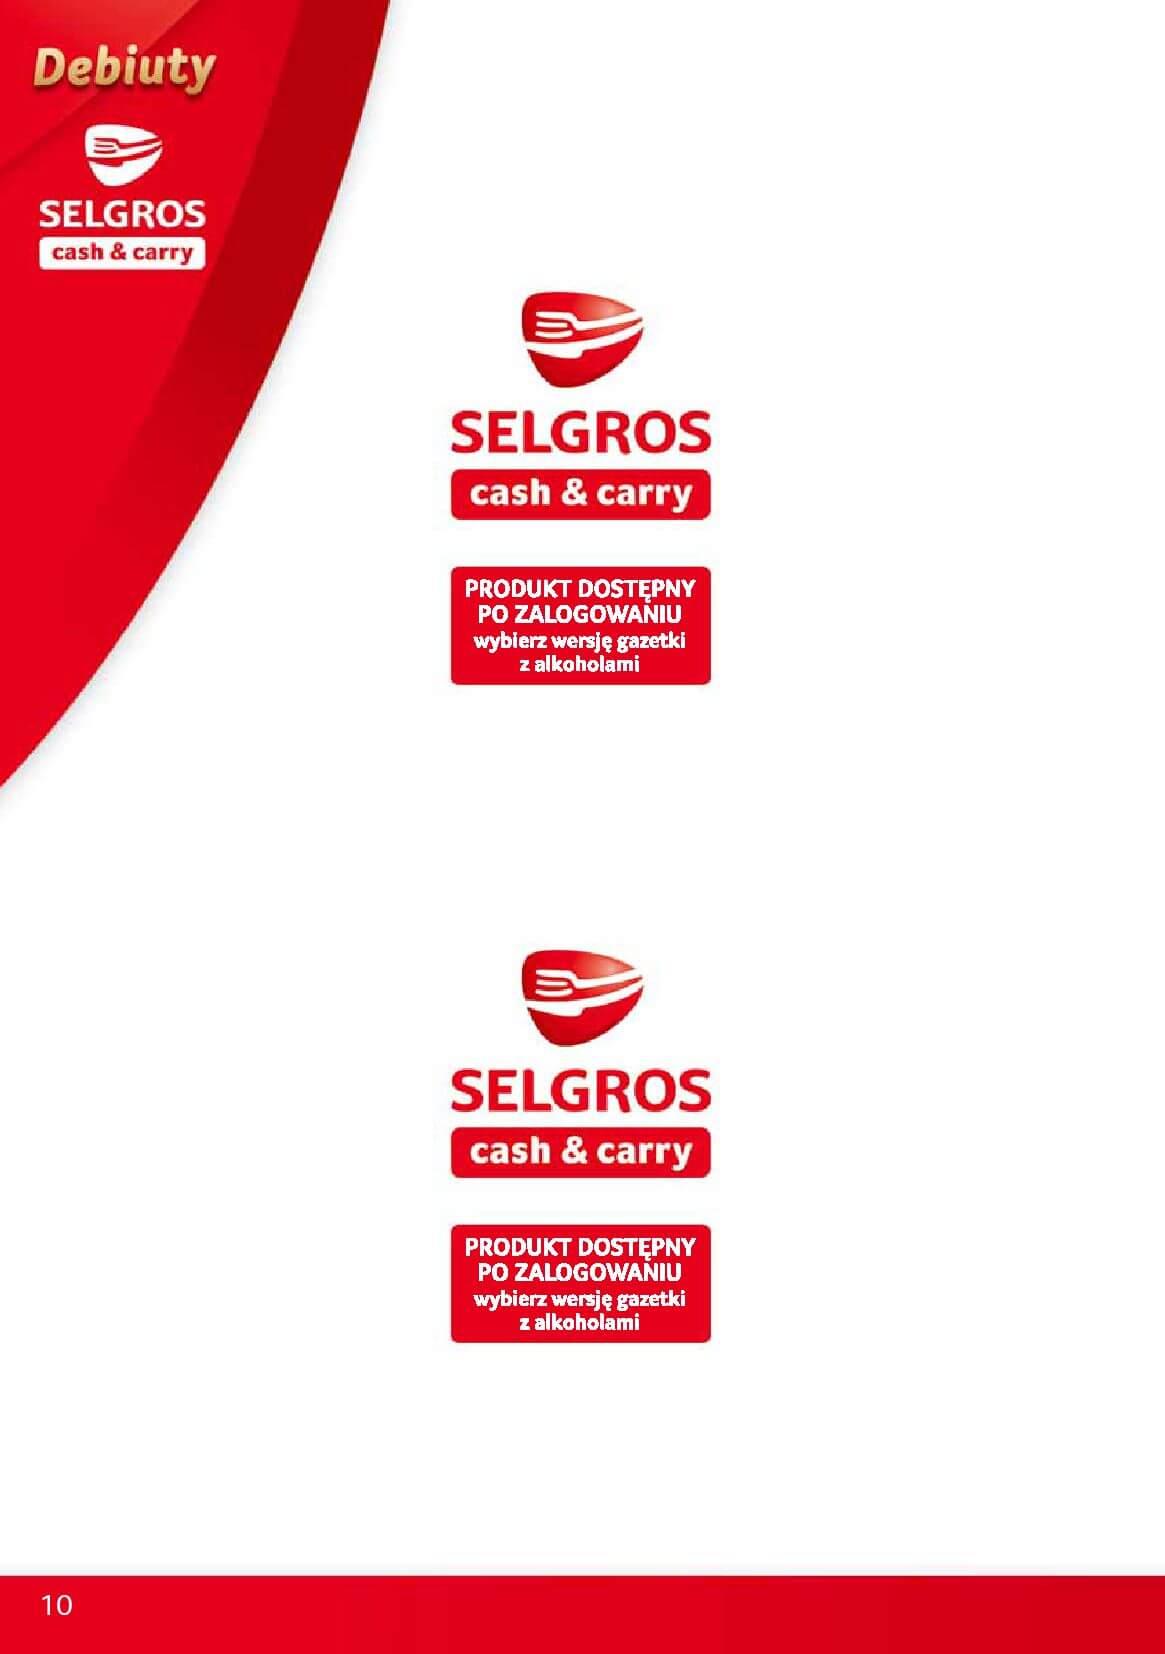 Gazetka Selgros - Oferta promocyjna na nowe produkty-2017-12-04-2017-12-18-page-10